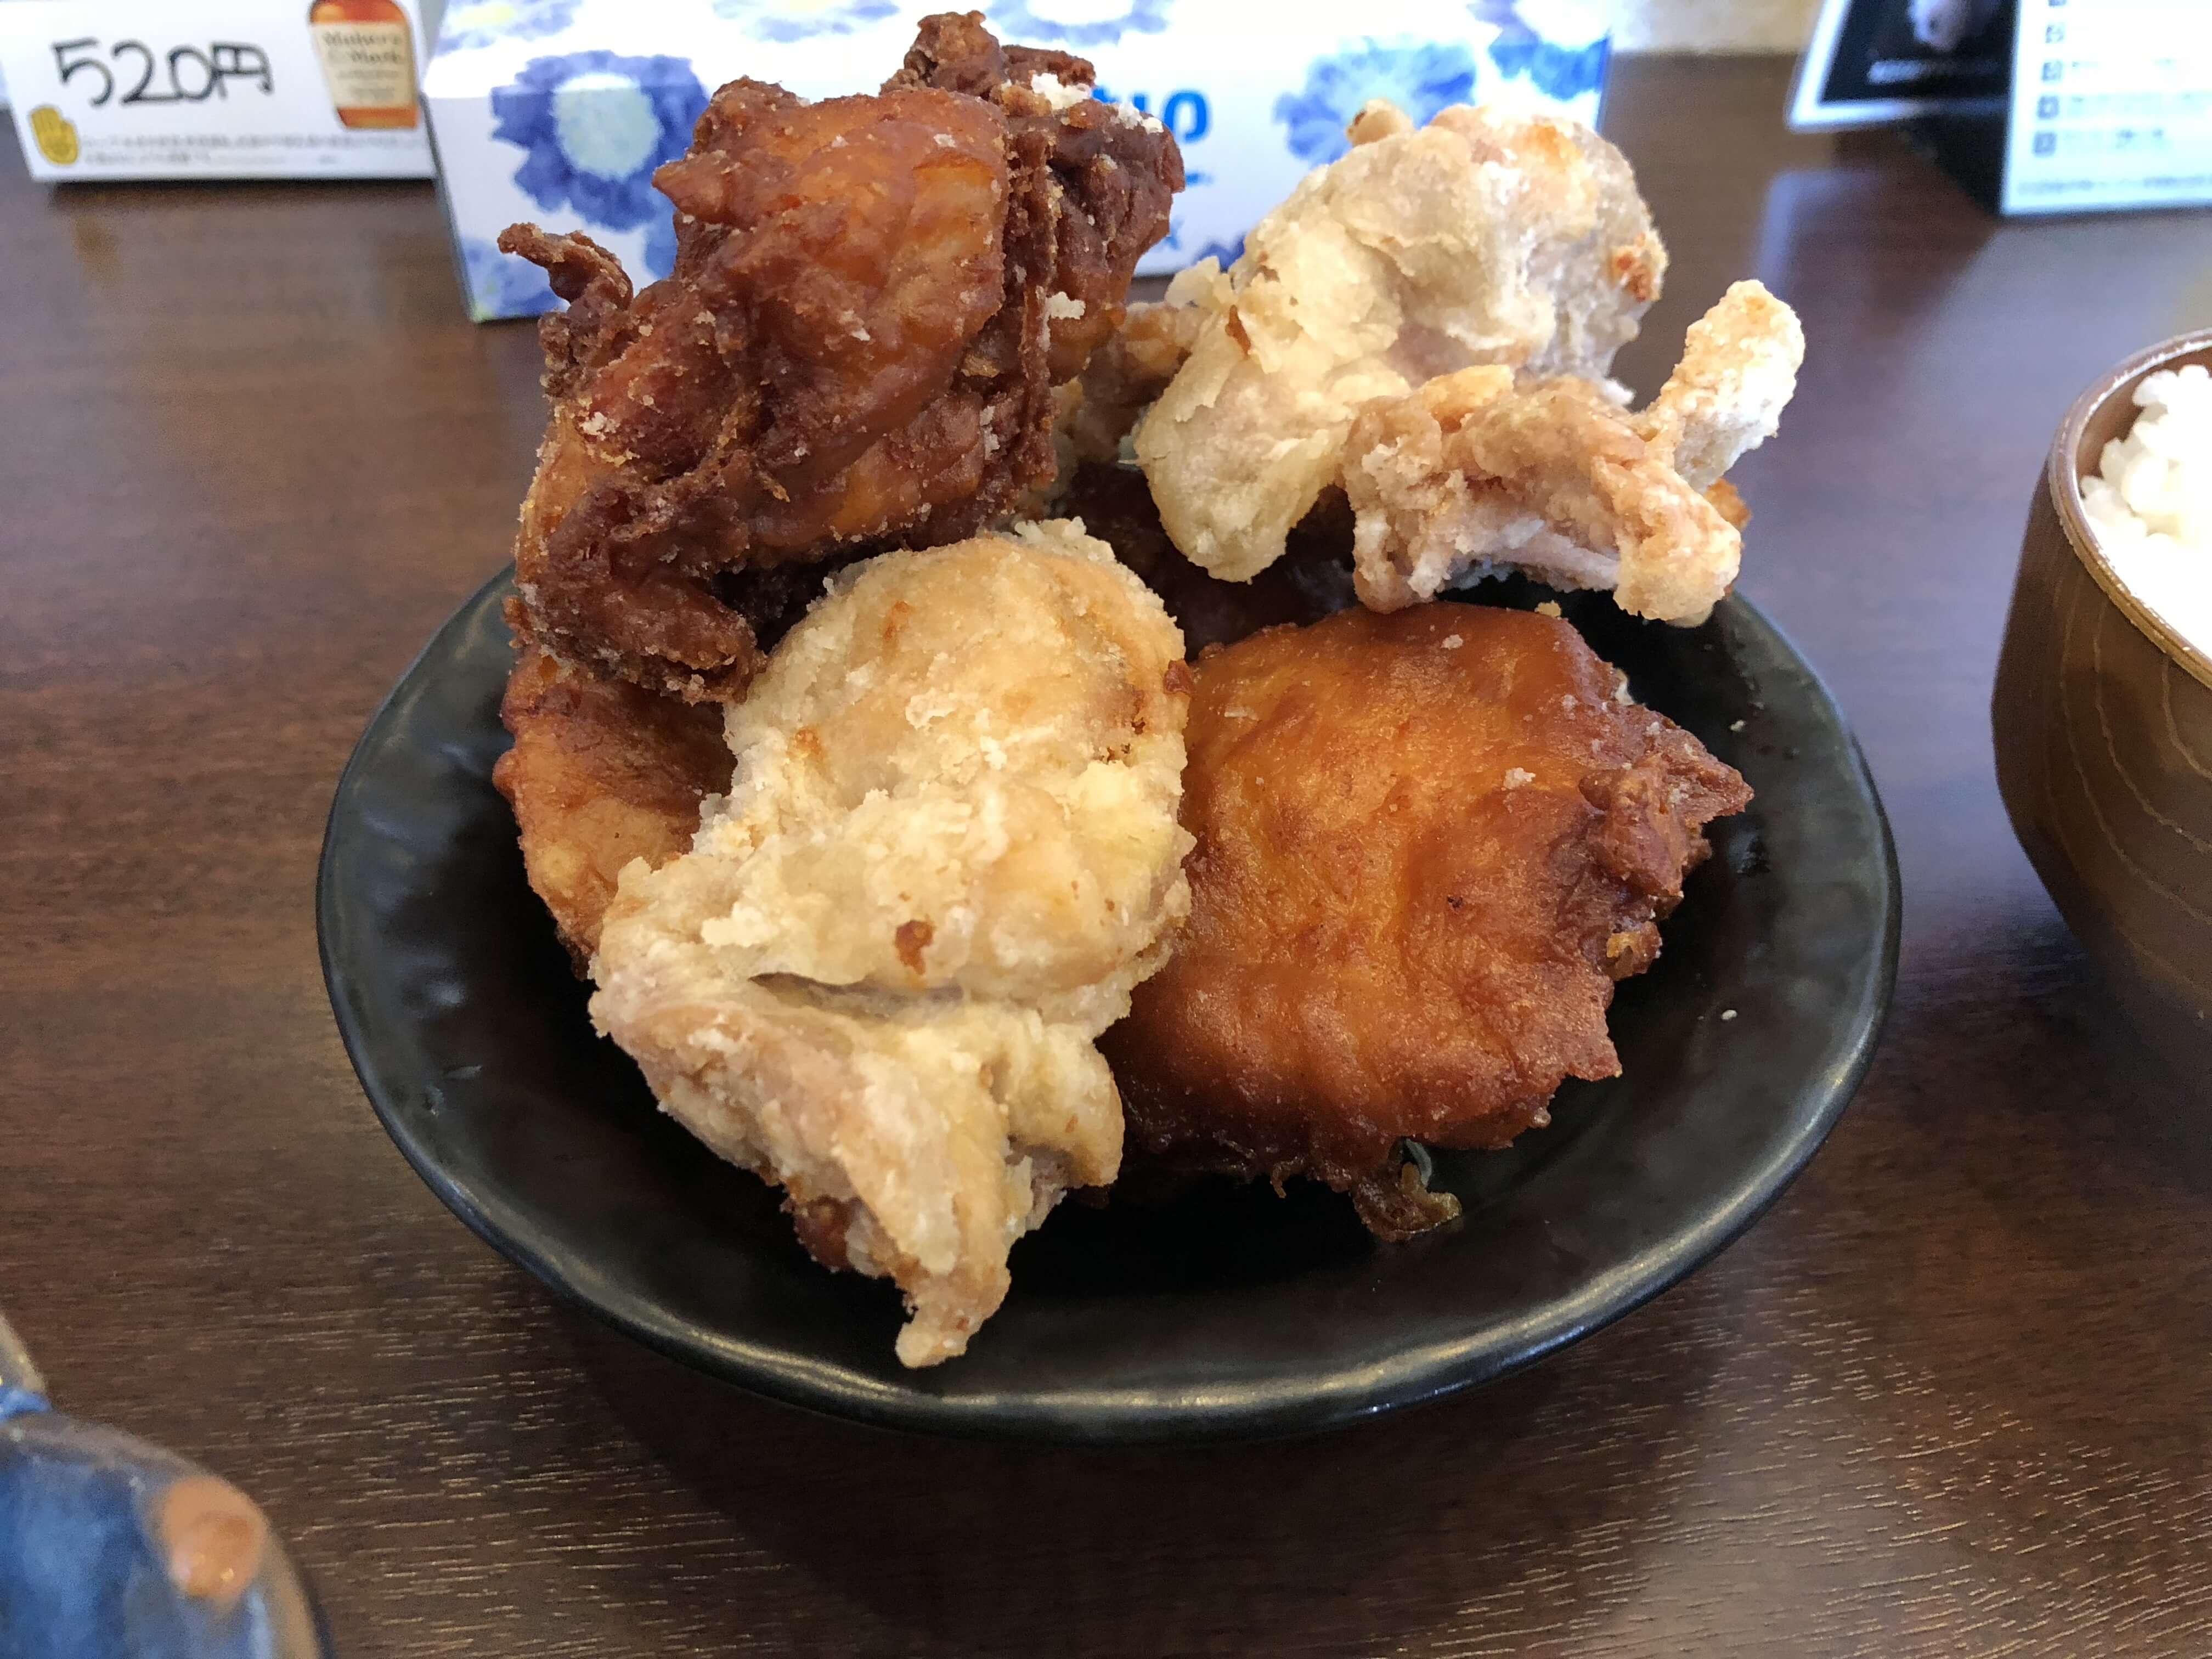 「 居酒屋 いたちゃん 」で唐揚げ食べ放題ランチ!あなたはどれだけ食べられる?